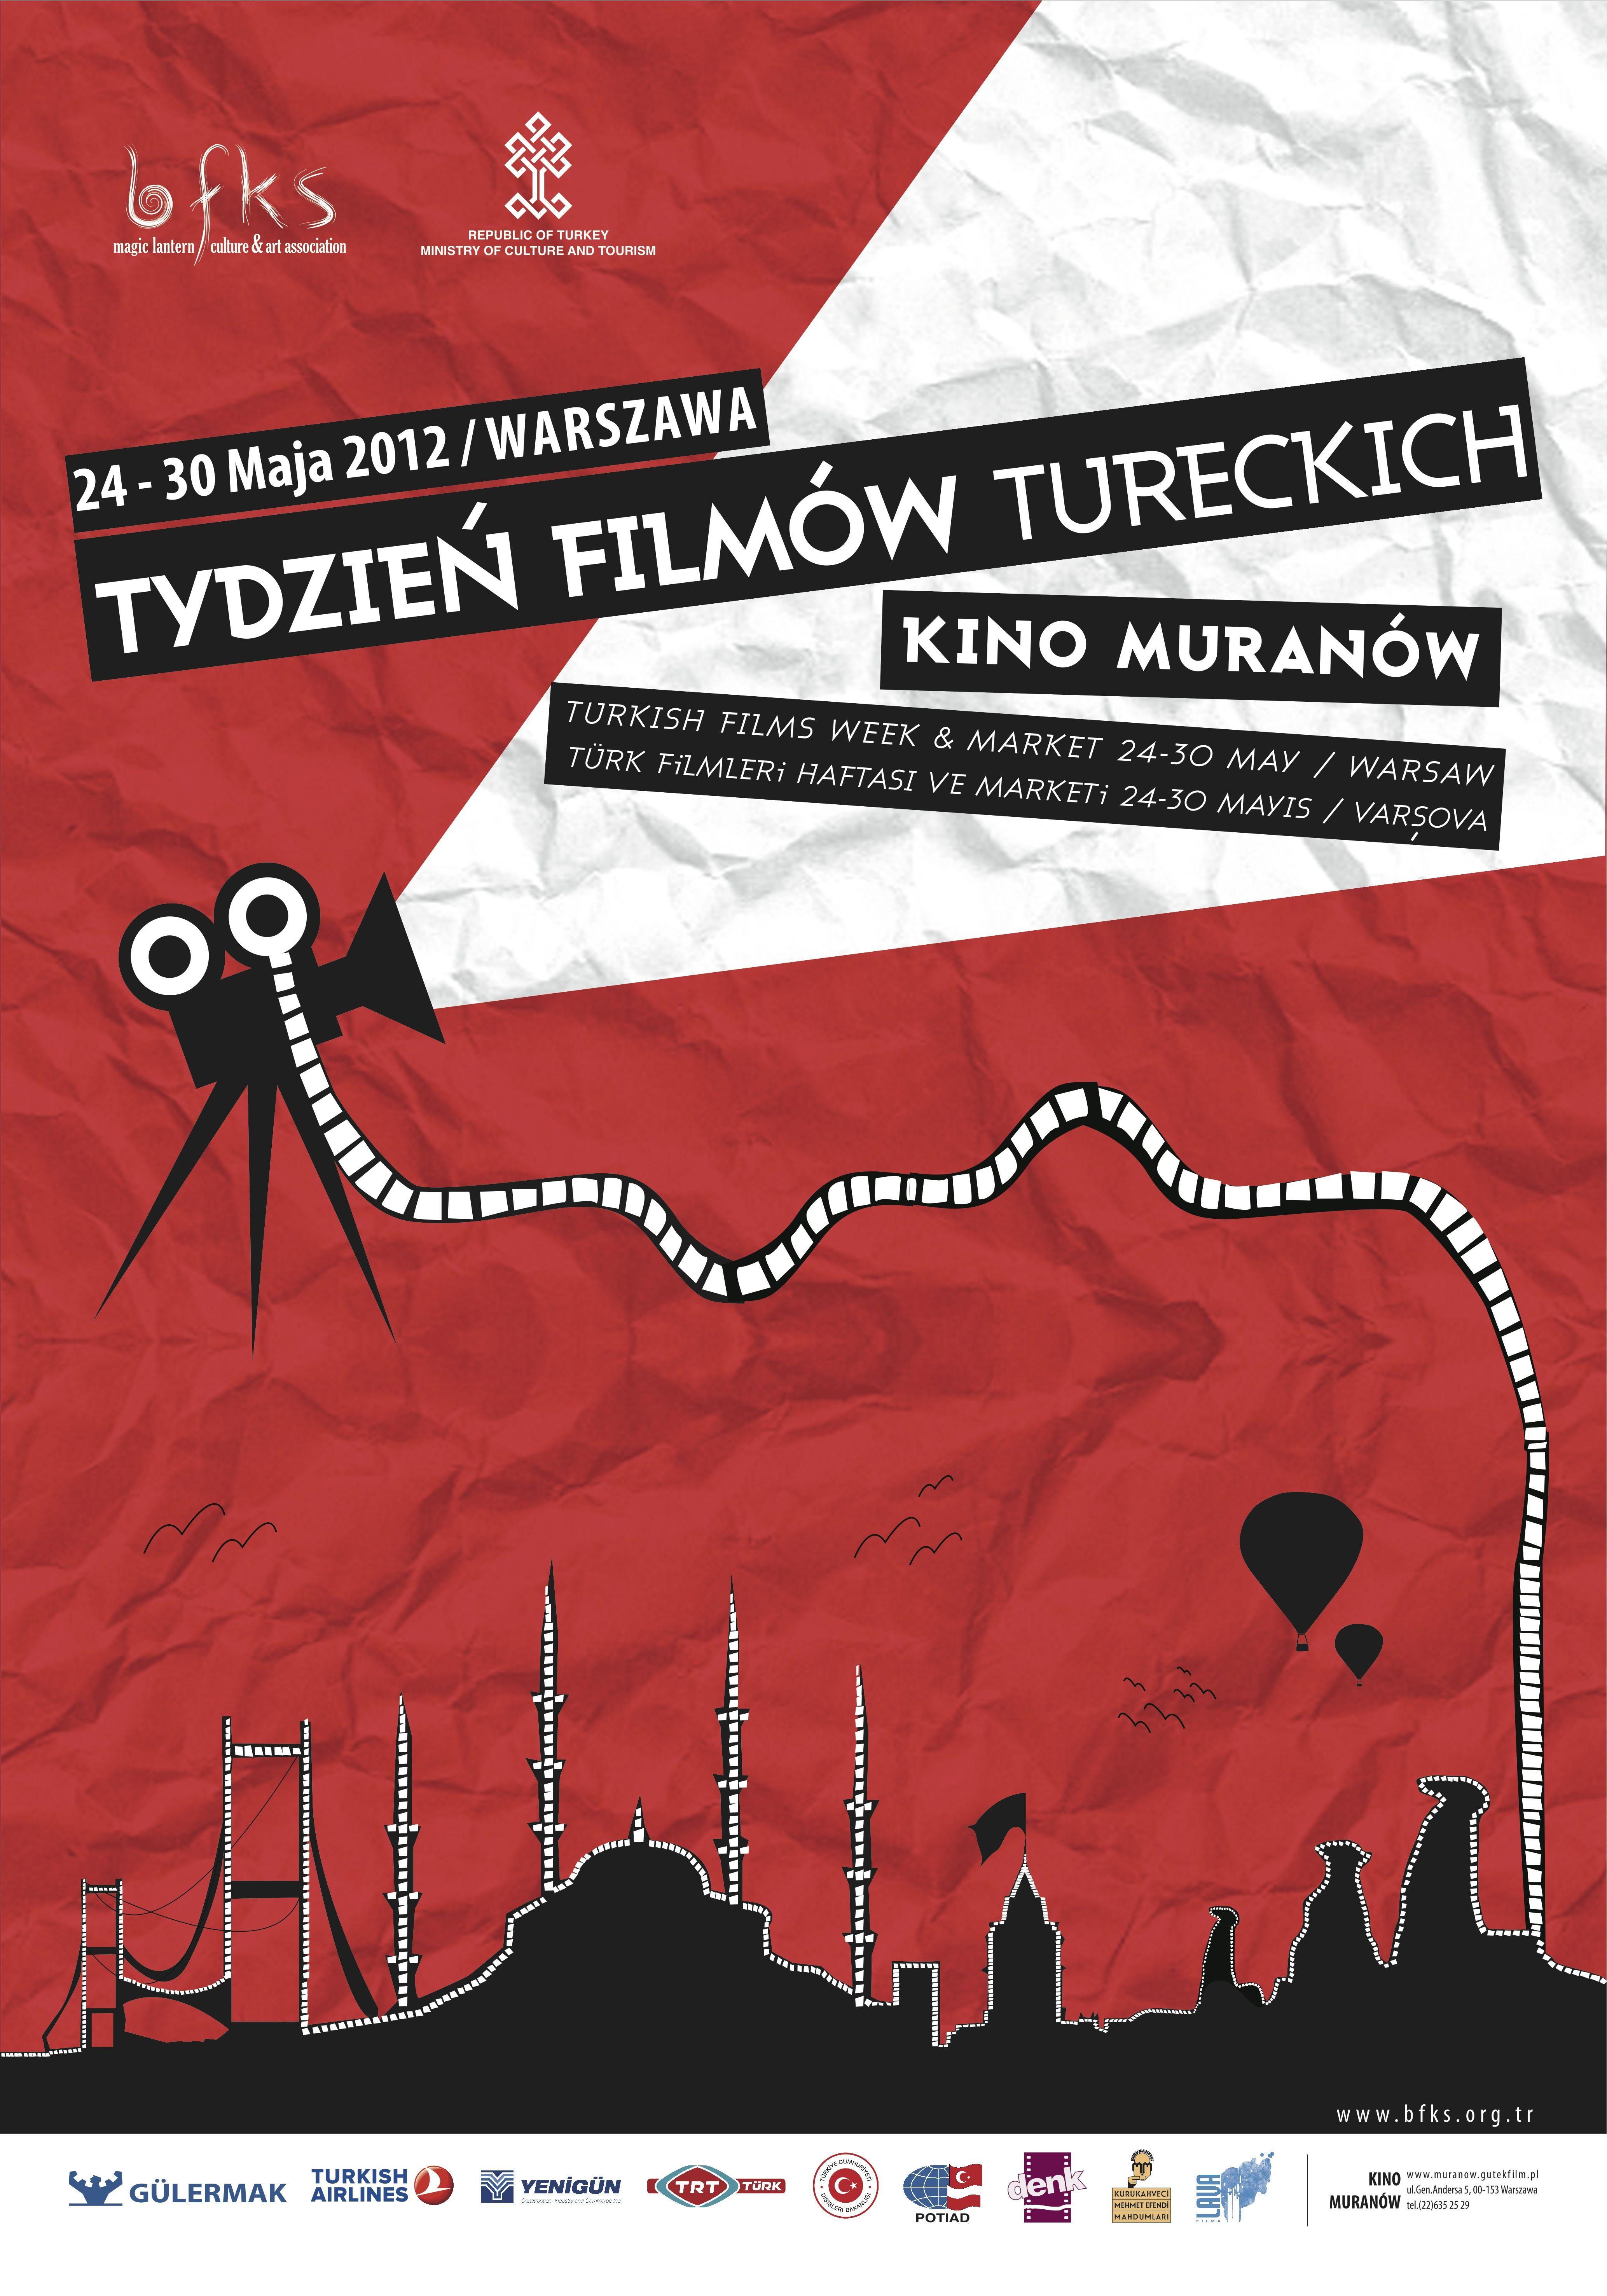 Varşova Türk Filmleri Haftası ve Marketi